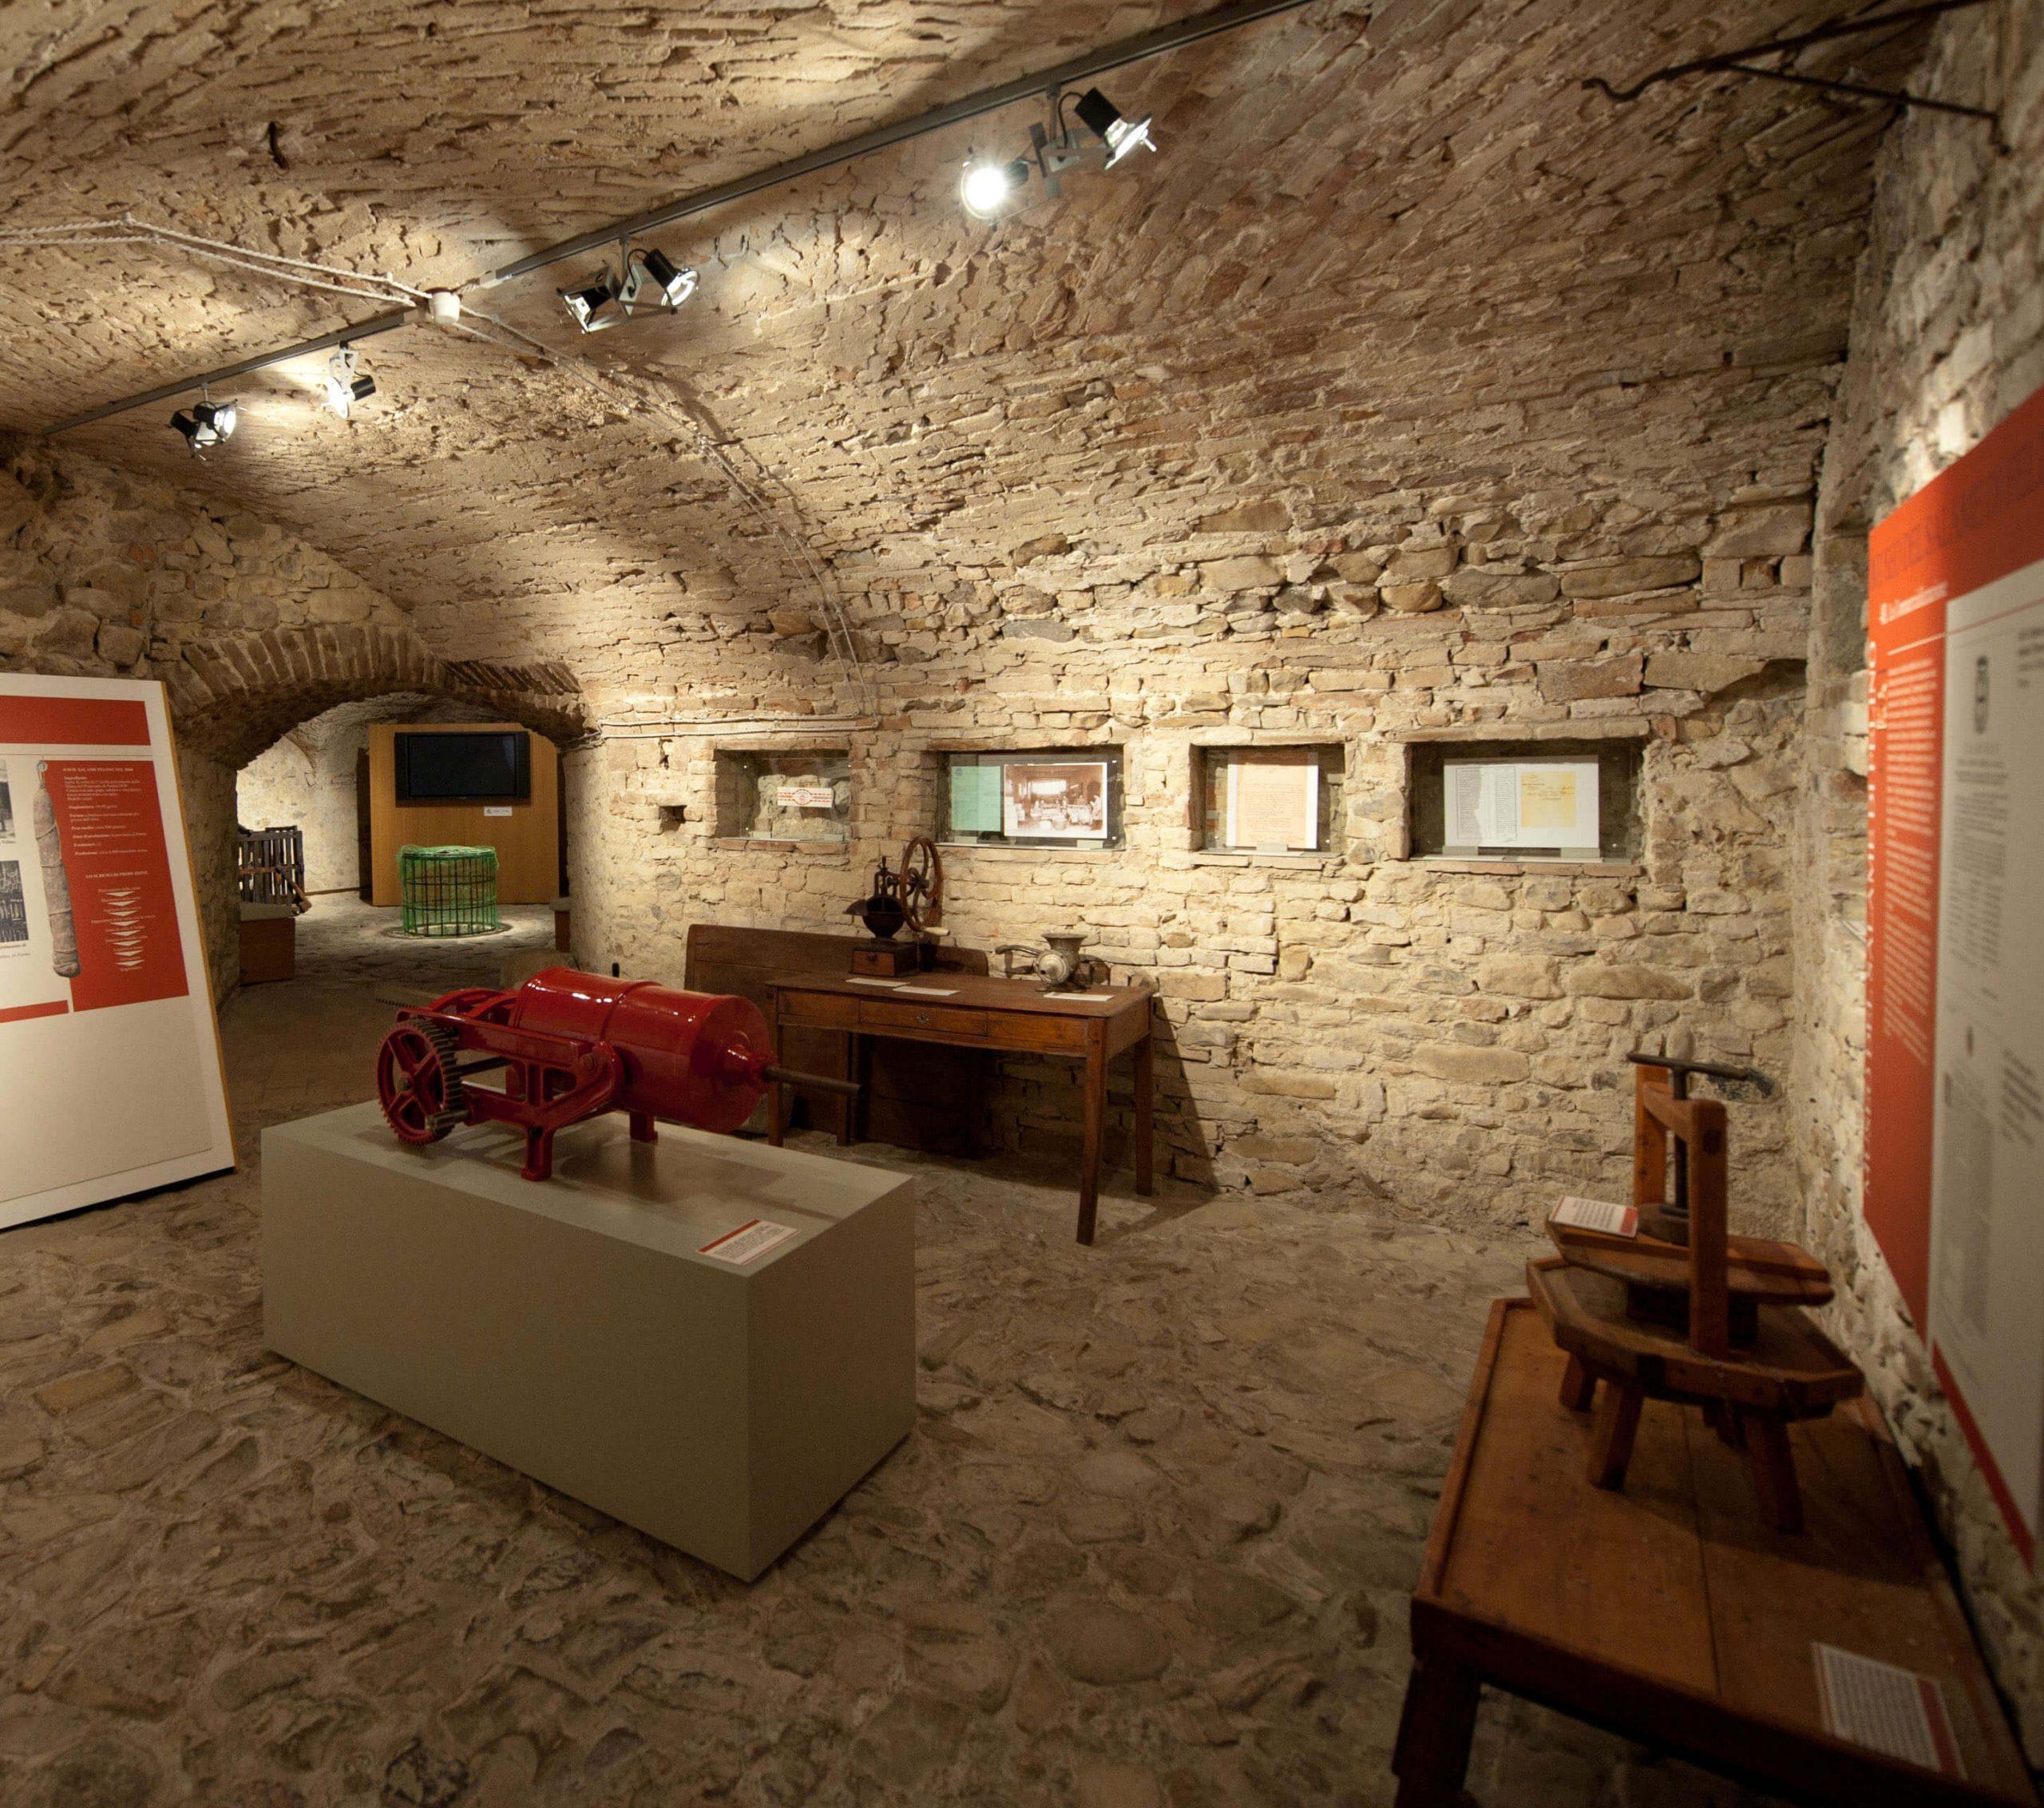 Salami Museum in Felino